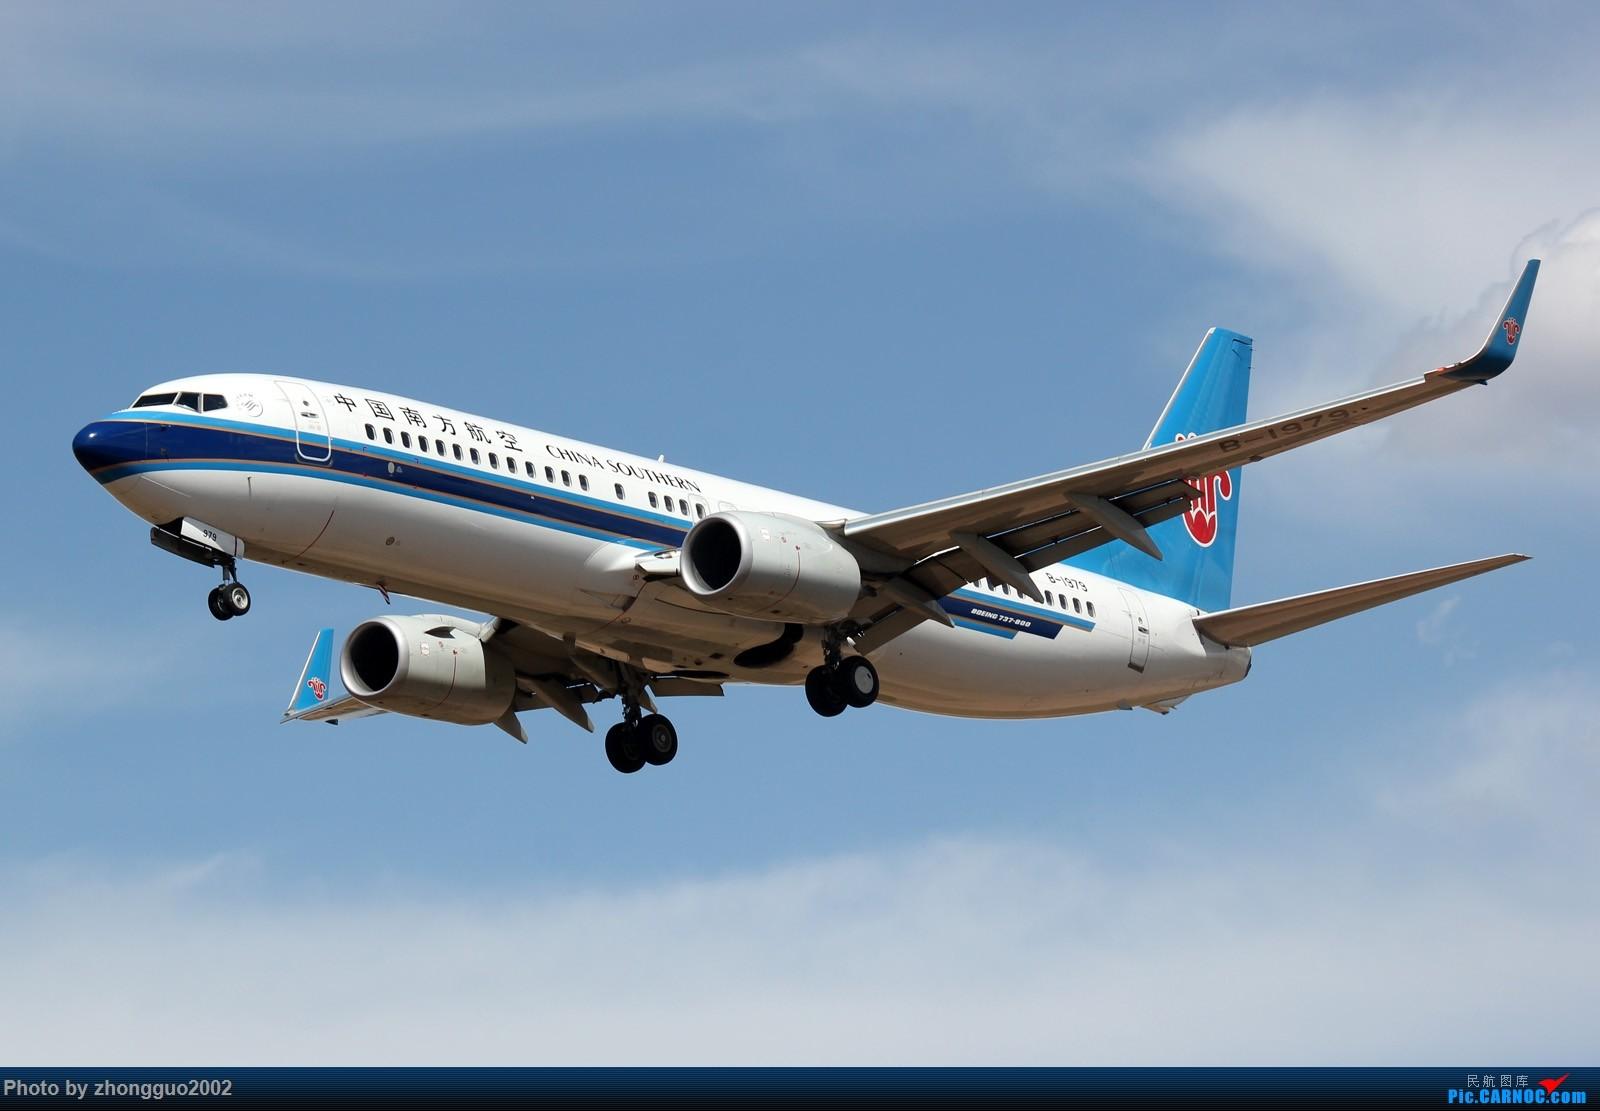 Re:[原创]赶上鄂尔多斯通航Y-5本场练习,顺便拍点其他飞机 BOEING 737-800 B-1979 中国鄂尔多斯伊金霍洛机场